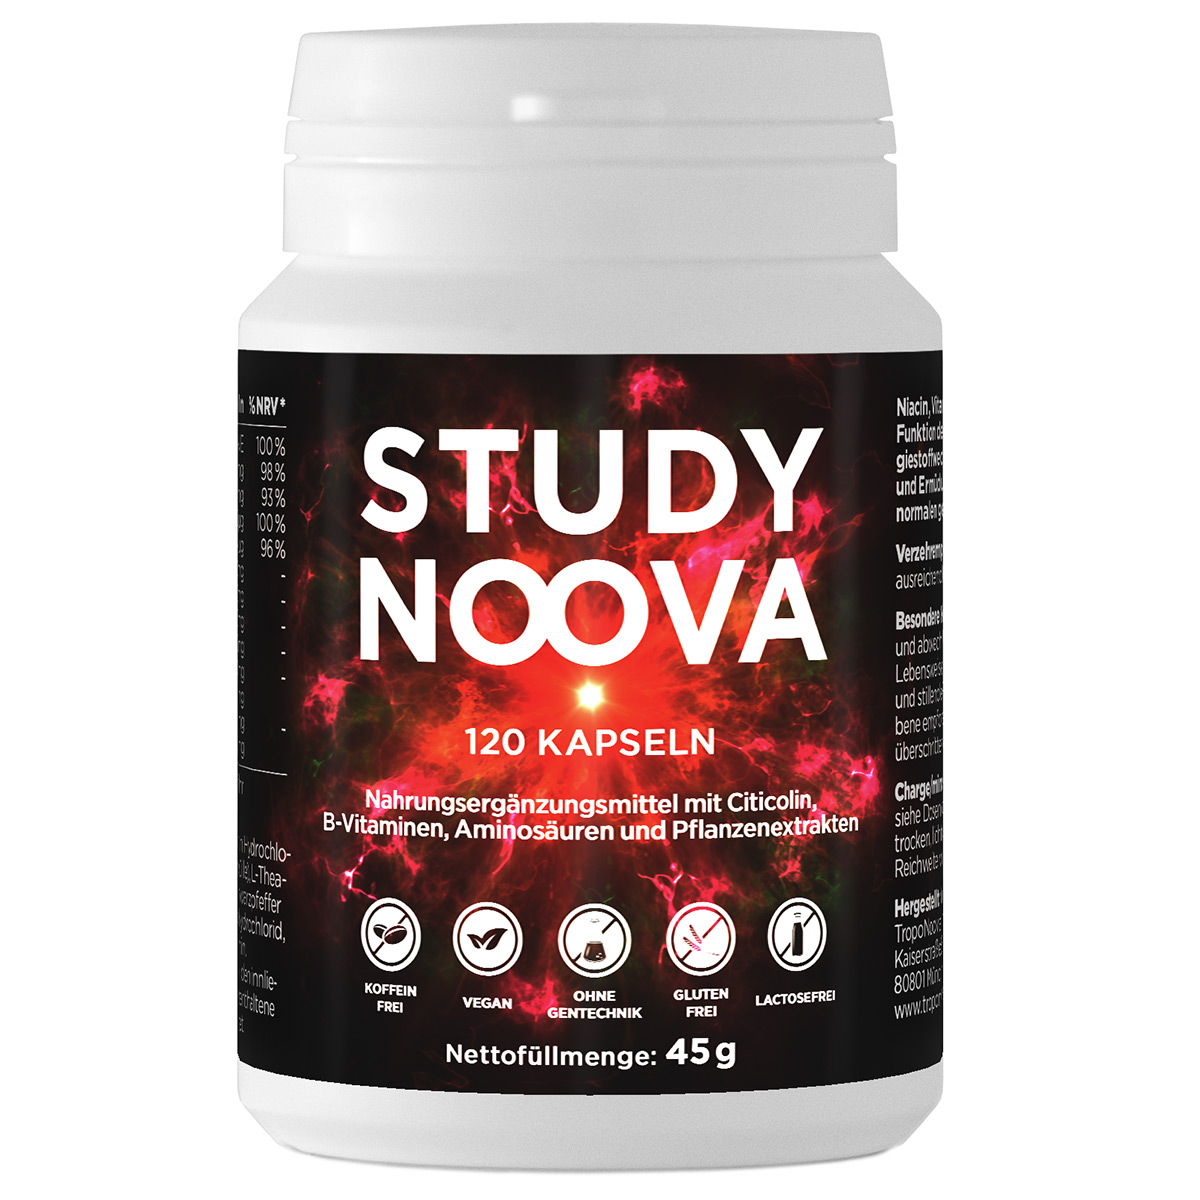 STUDY NOOVA Nootriopic Nootropika Konzentration Tablette